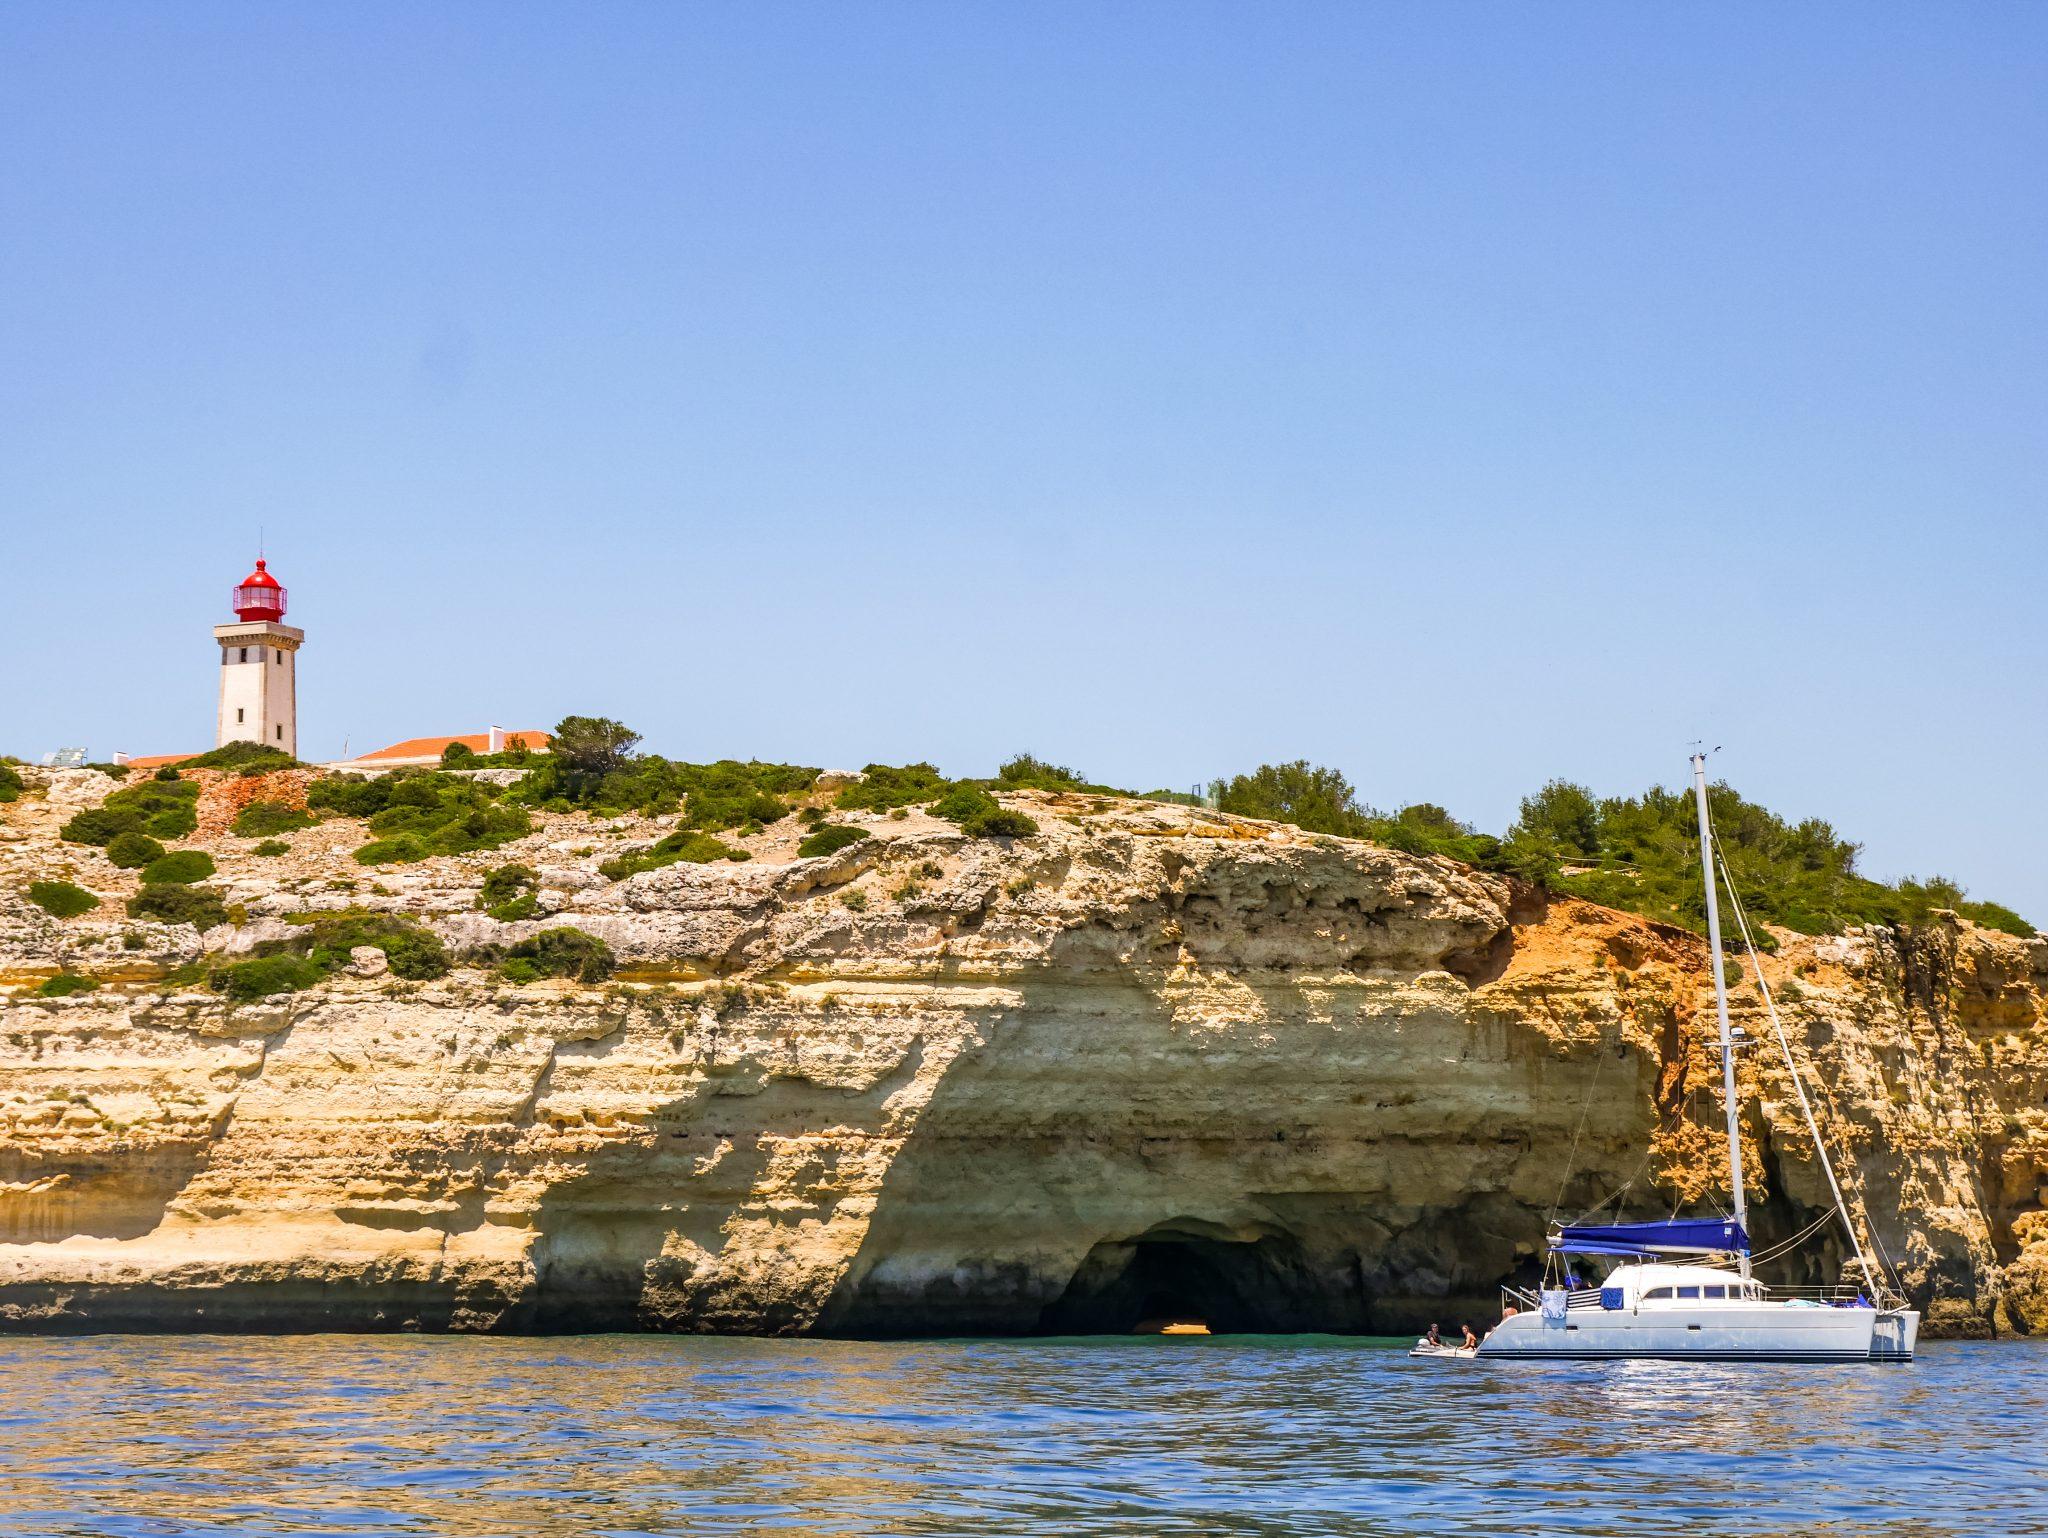 Die Algarve Küste ist für mich ein Highlight meines Auslandssemesters in Sevilla gewesen.